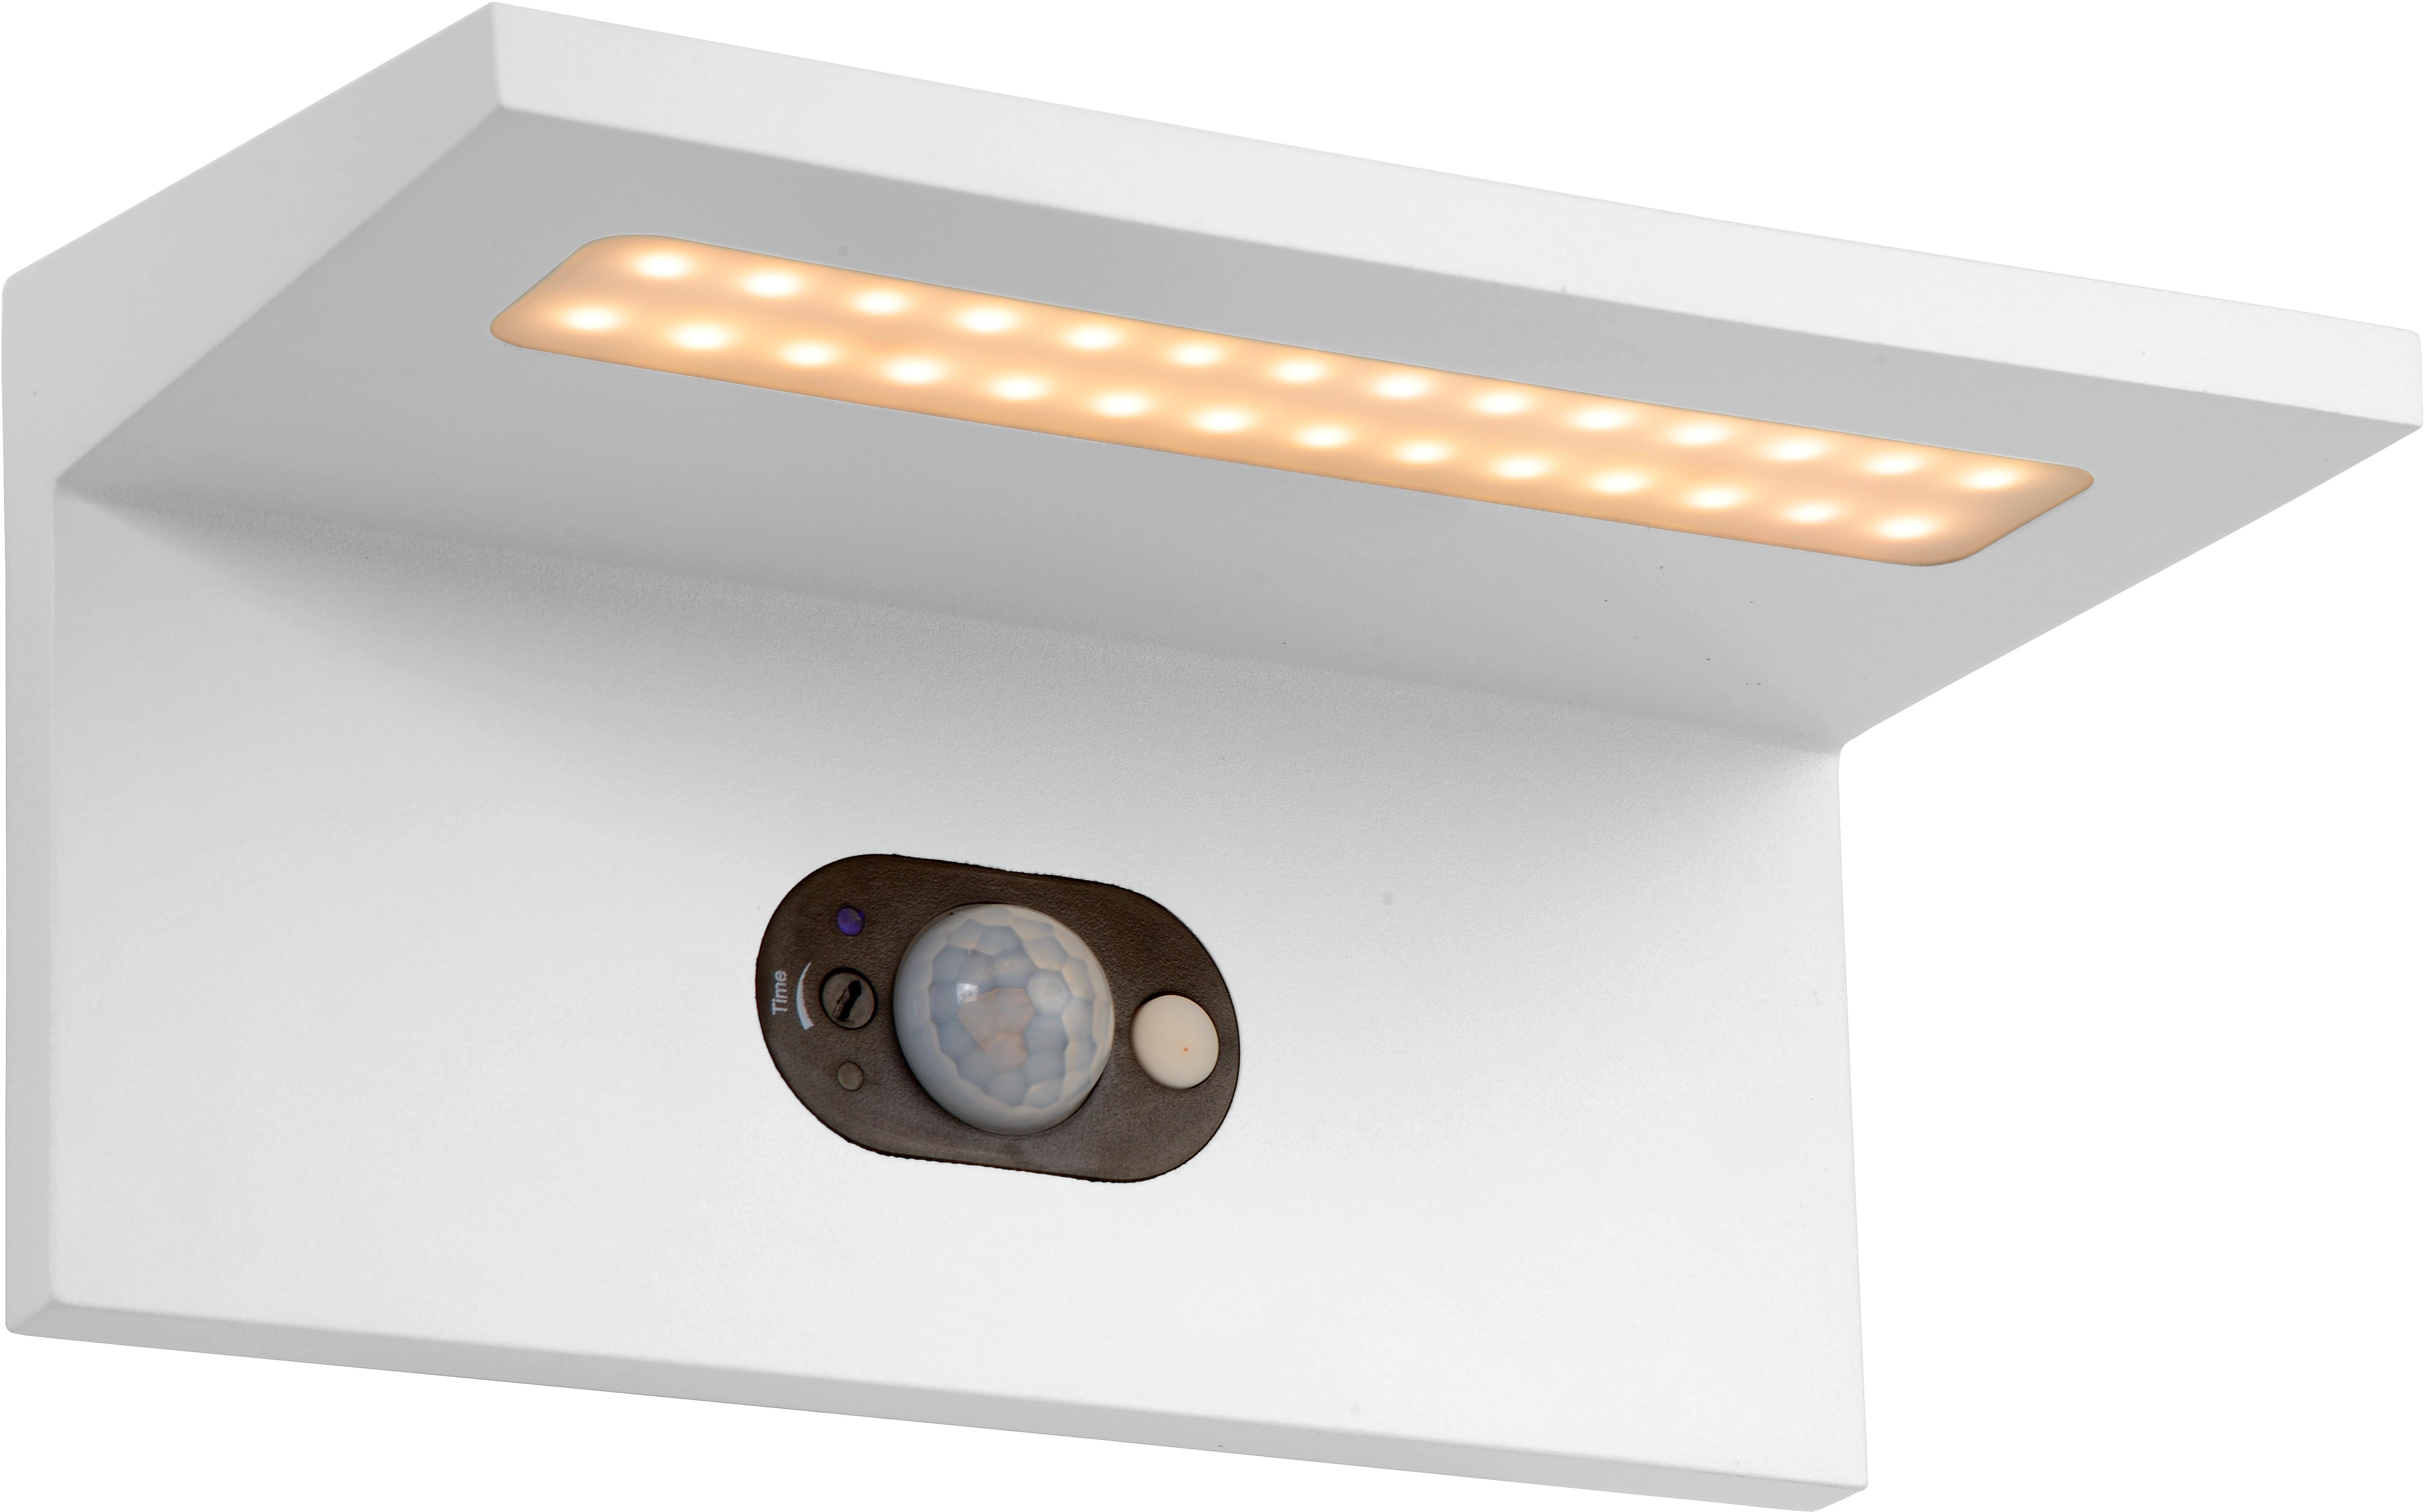 Applique solaire moderne d extérieur aluminium blanc led kassy